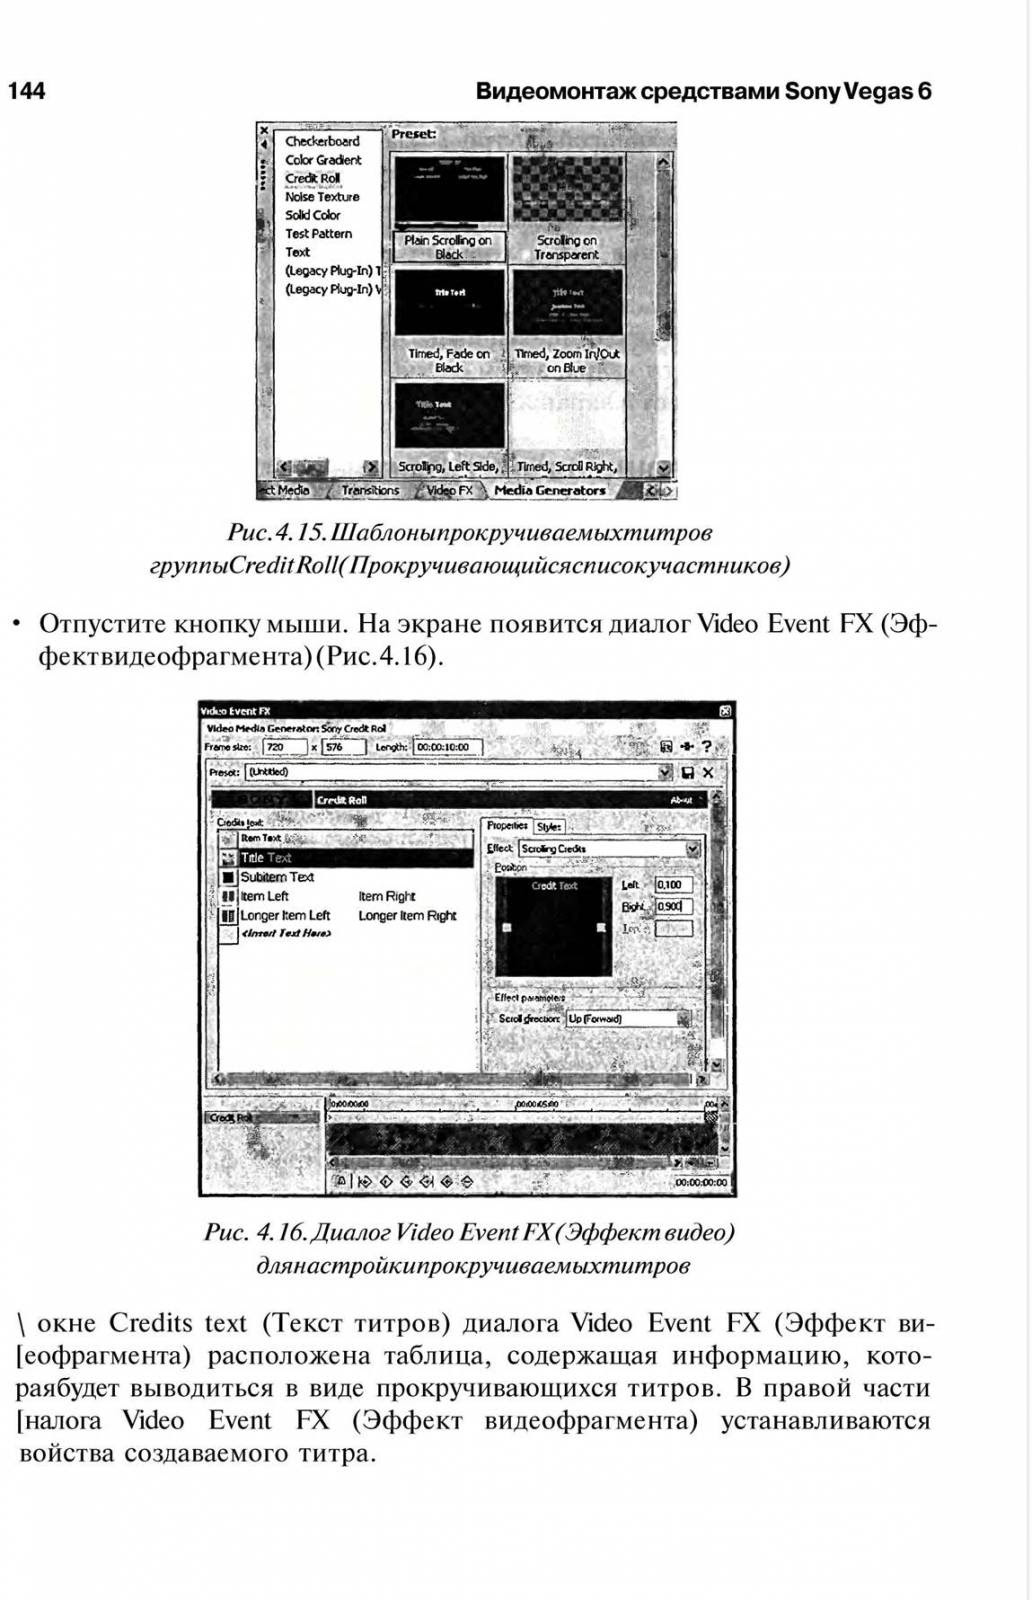 http://redaktori-uroki.3dn.ru/_ph/6/866386121.jpg